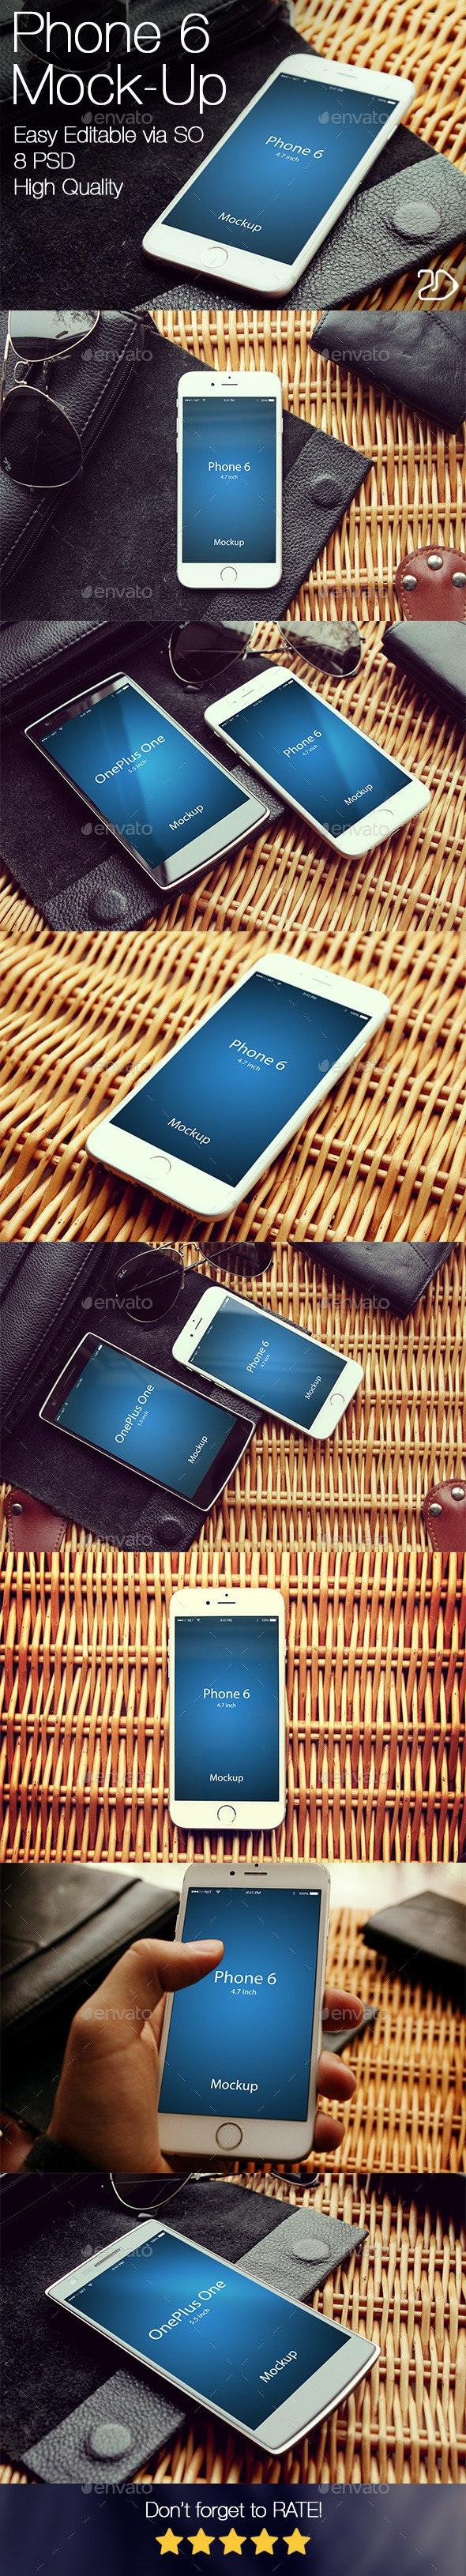 Phone 6 Mockup v2 - Mobile Displays